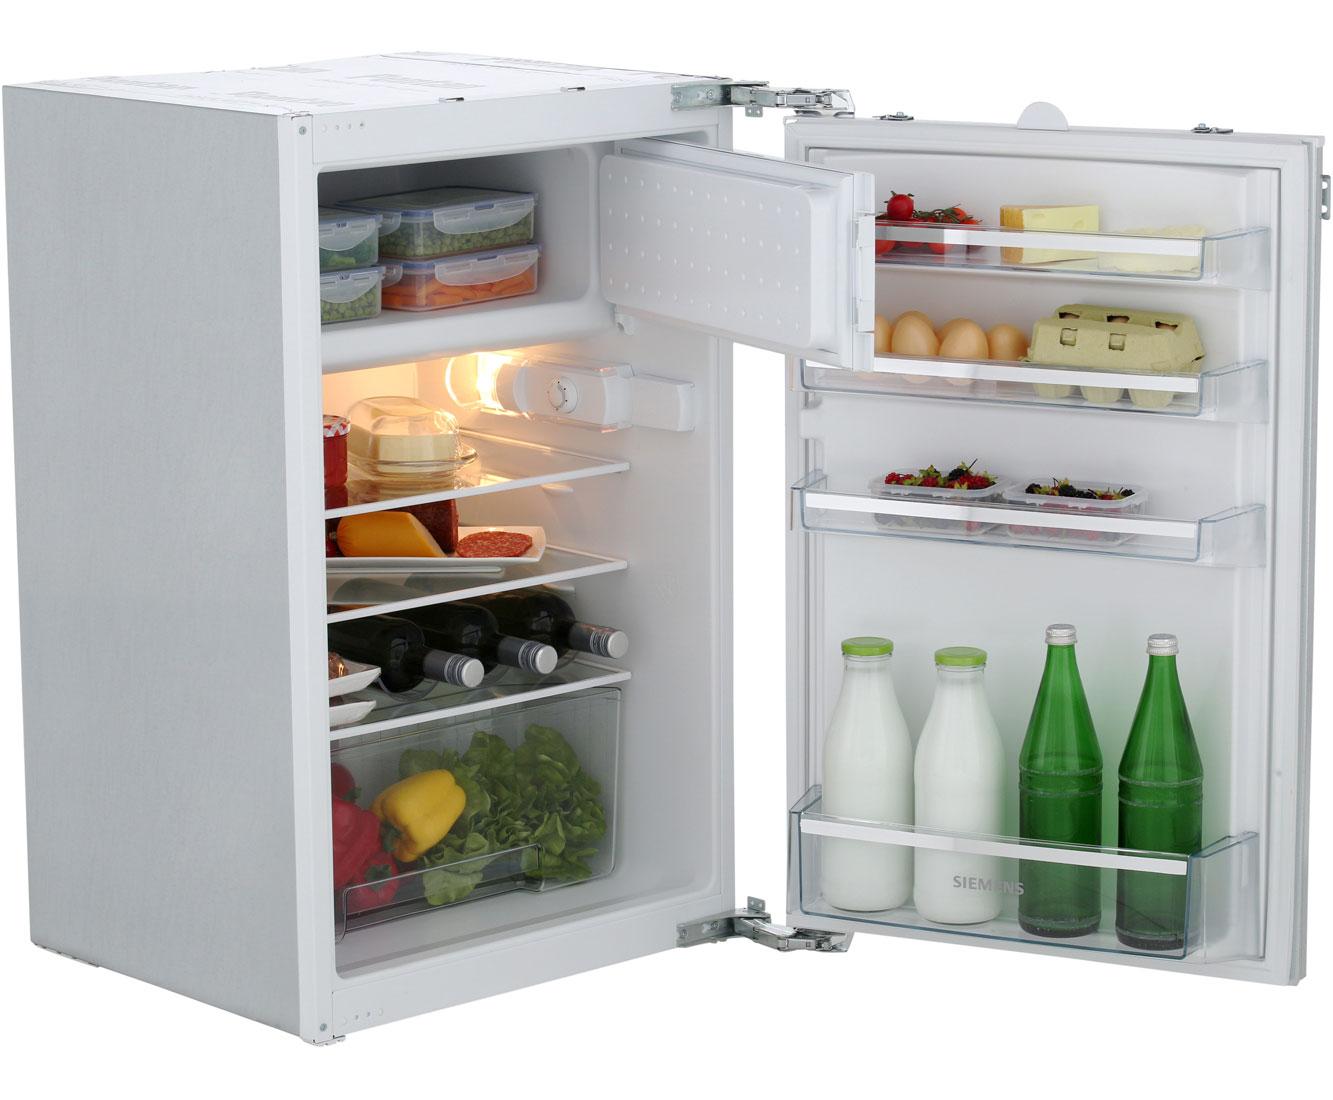 Siemens Kühlschrank Wie Lange Stehen Lassen : Siemens ki lv einbau kühlschrank mit gefrierfach er nische